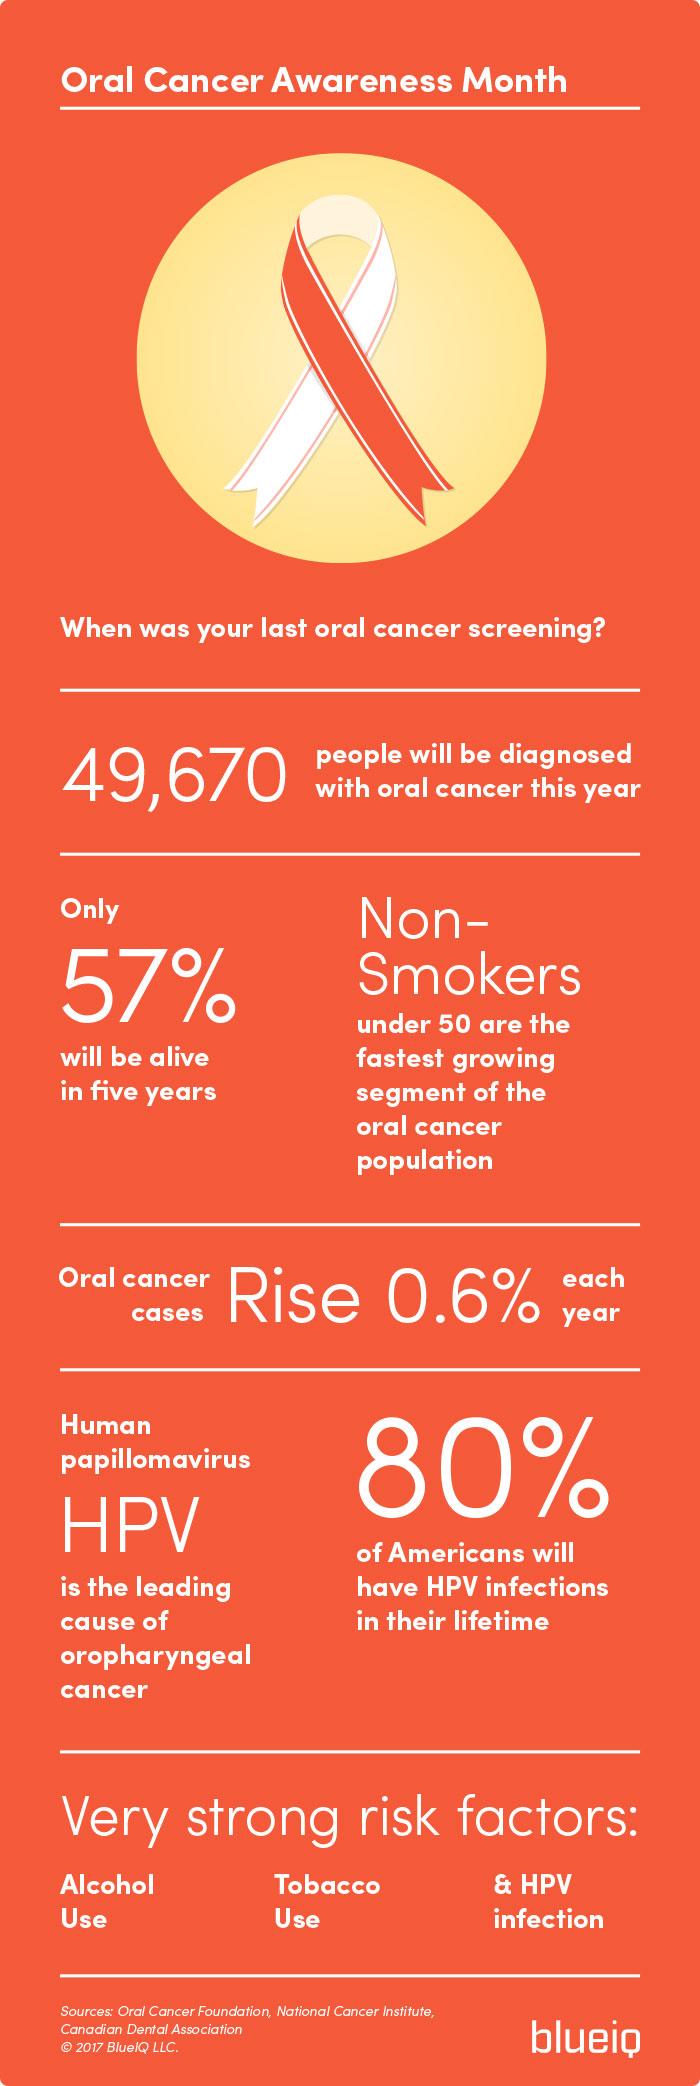 Oral Cancer Risk Factors